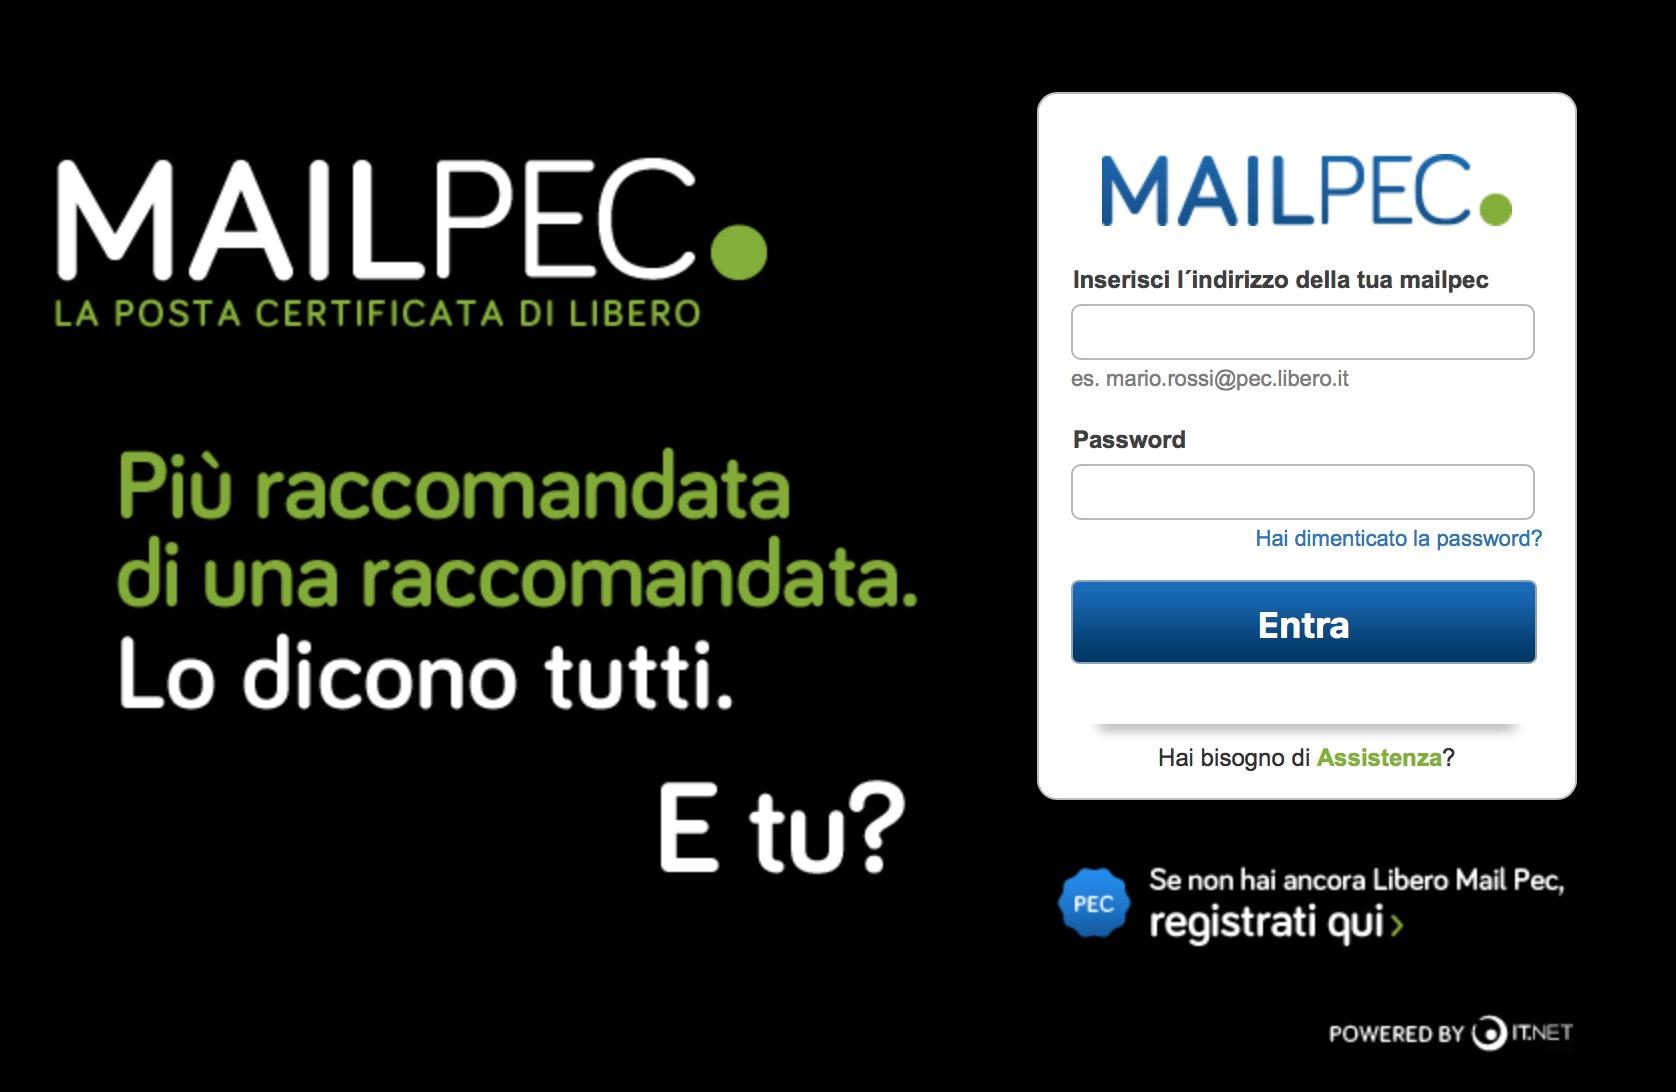 Libero Mail PEC casella posta elettronica certificata